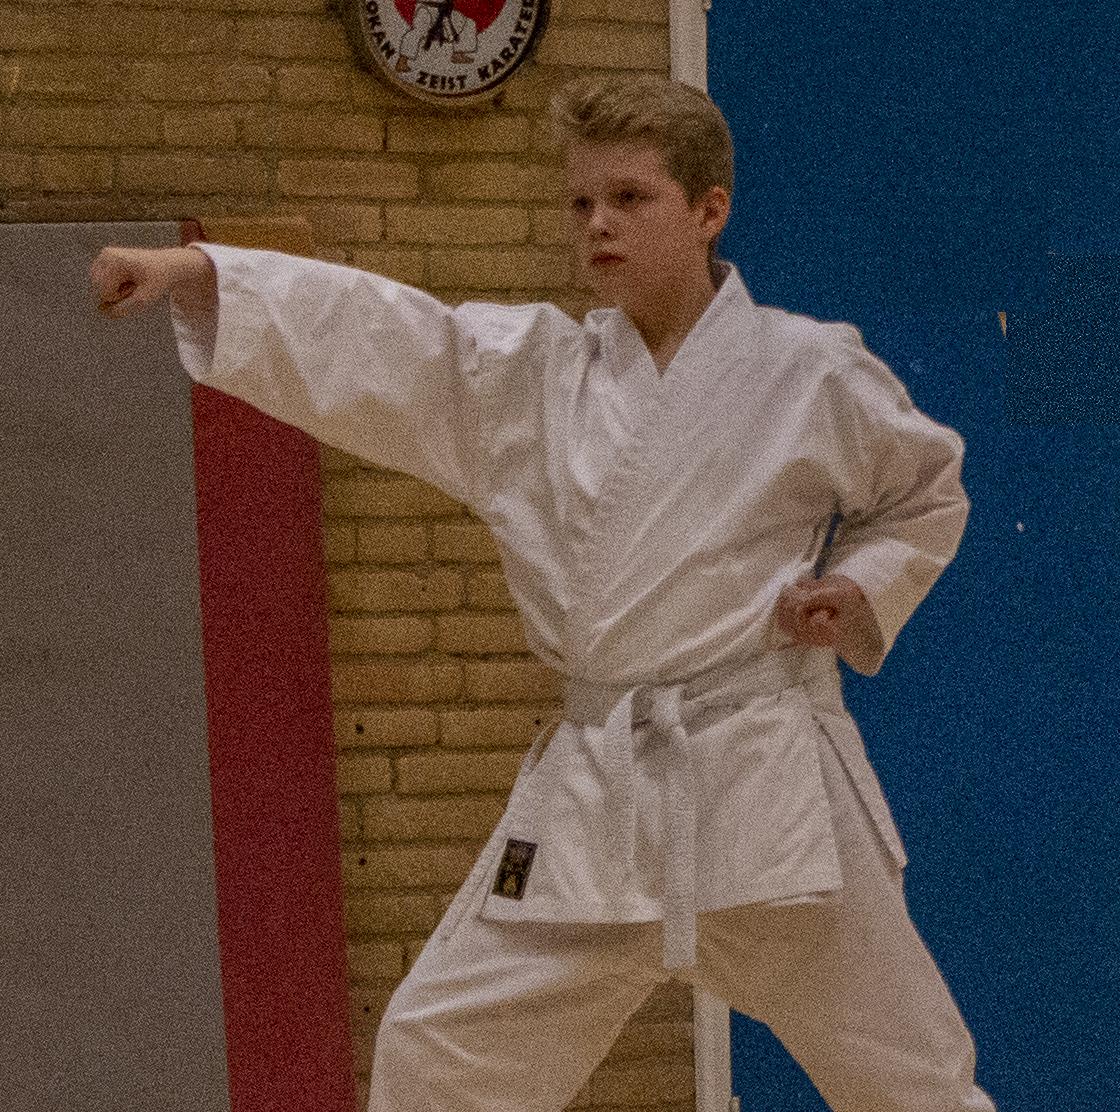 dokan karate thijs aanbeveling